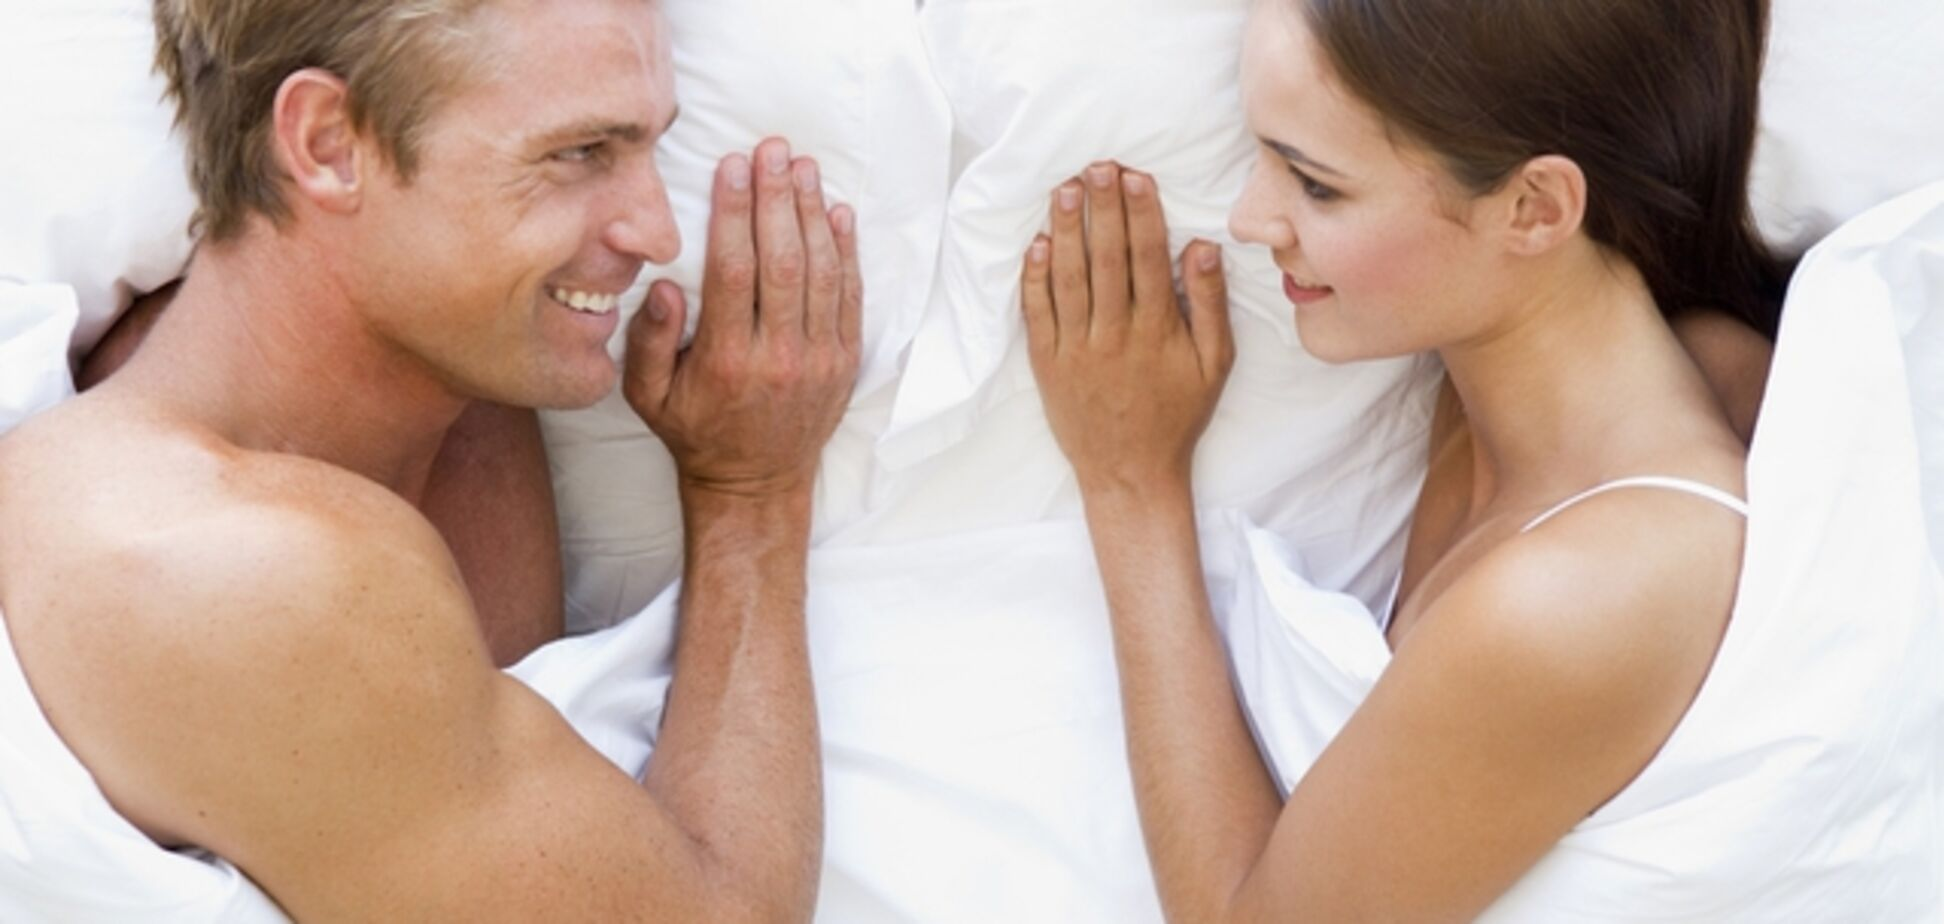 Прерванный половой акт: вредно или нет?